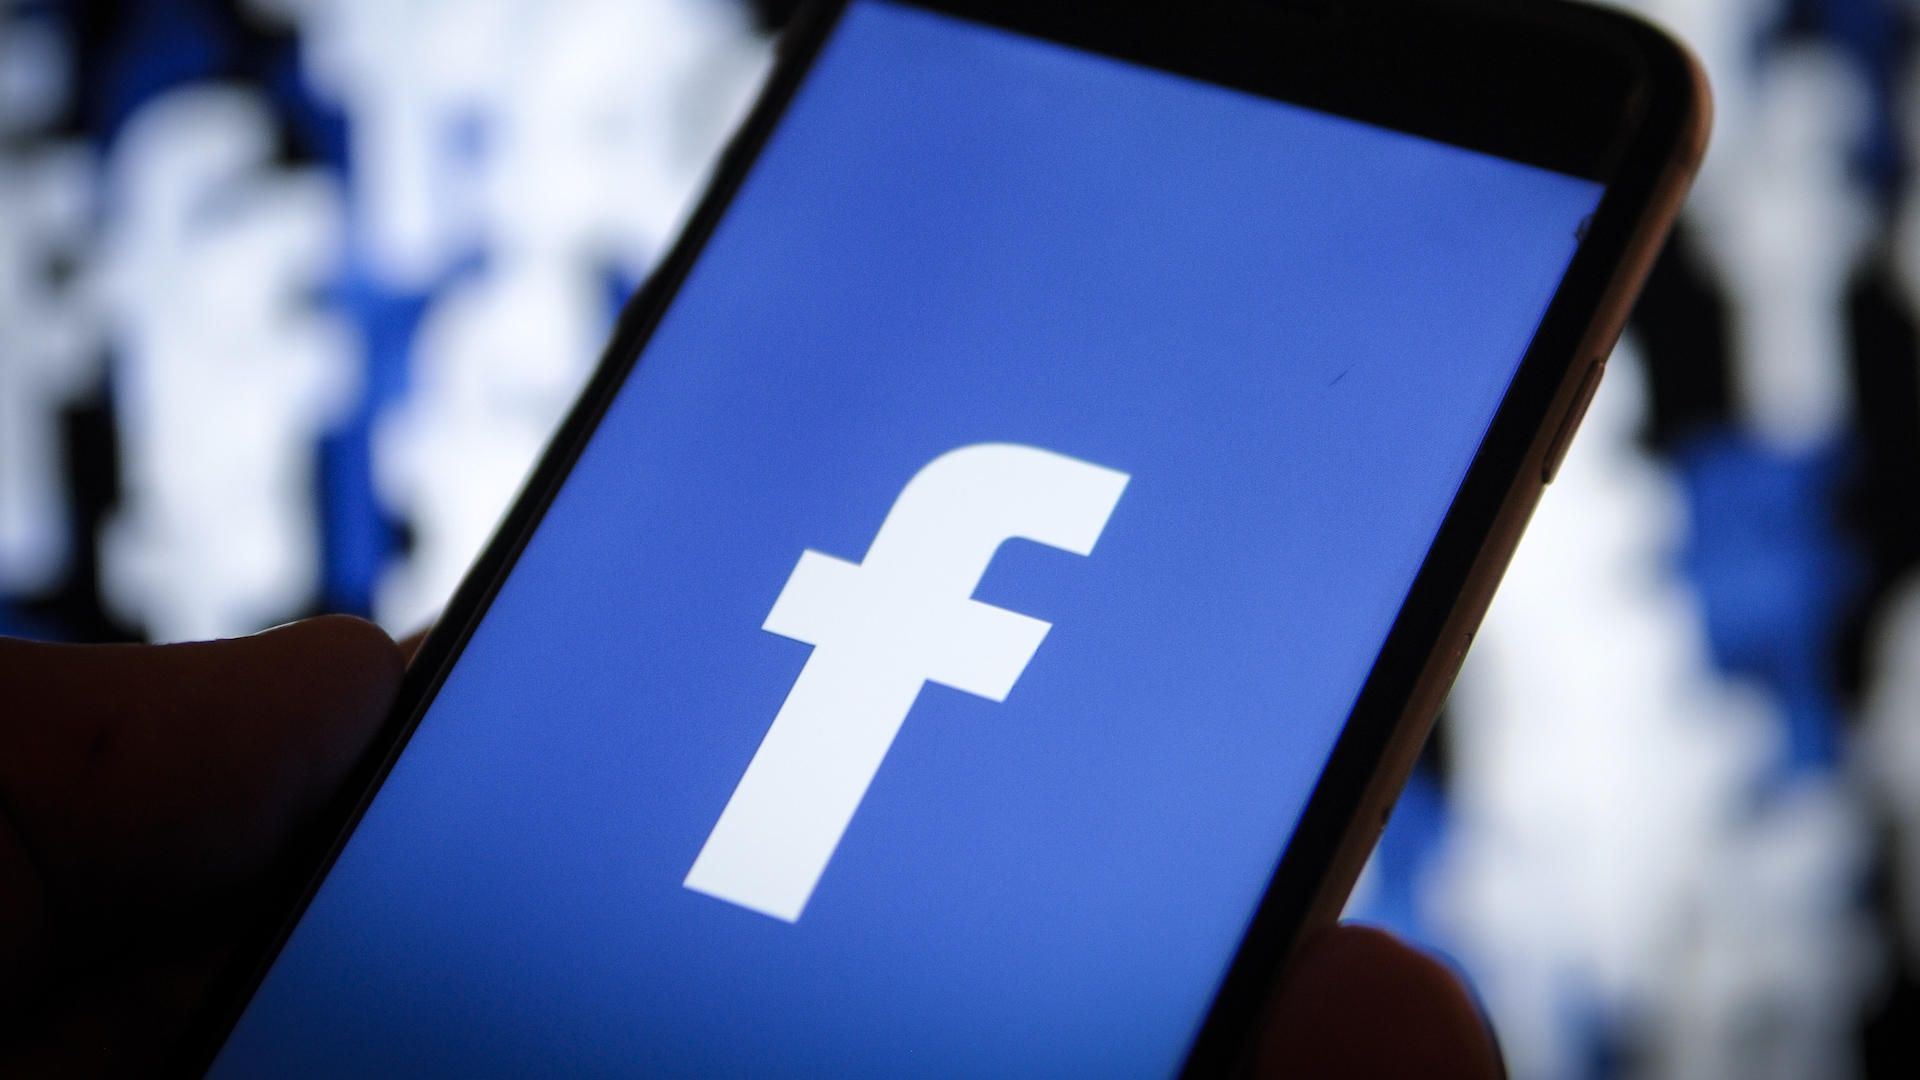 """Lại là Facebook: """"tự tiện"""" tải các thư viện hệ thống của điện thoại lên, không hỏi ý kiến người dùng"""